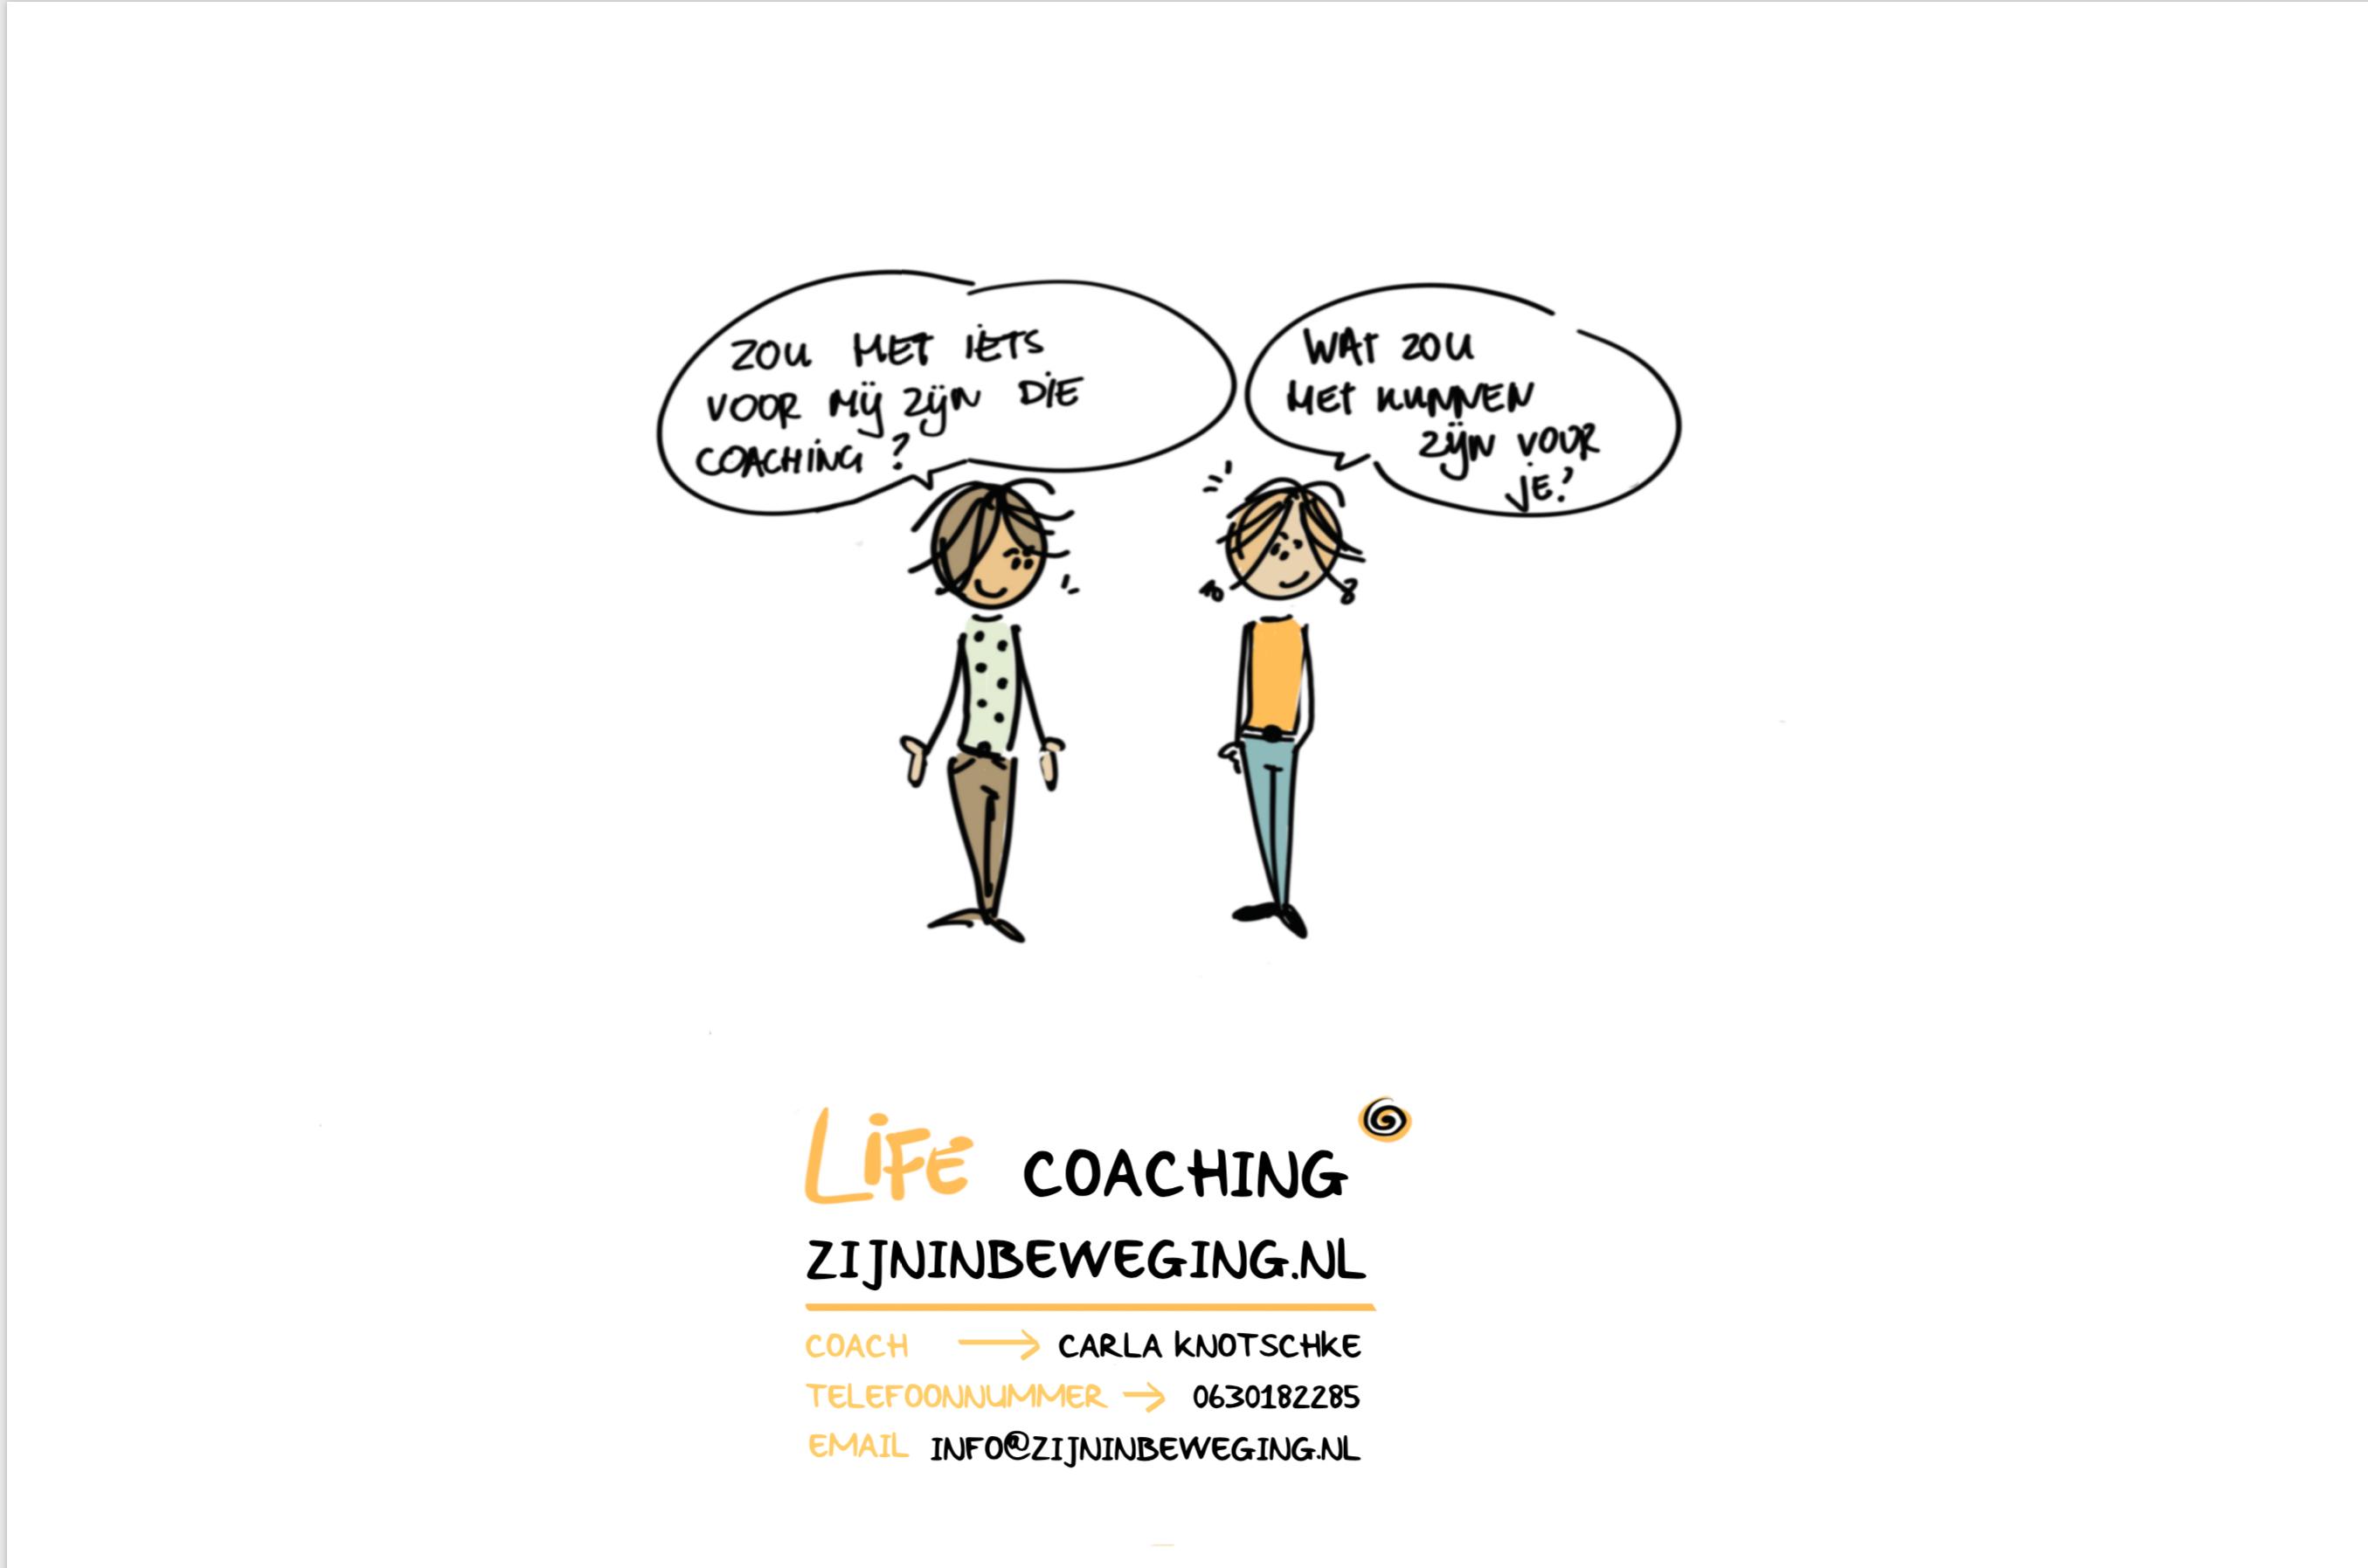 Life Coaching - Zou met iets voor mij zijn die coaching? - ZIJN in beweging